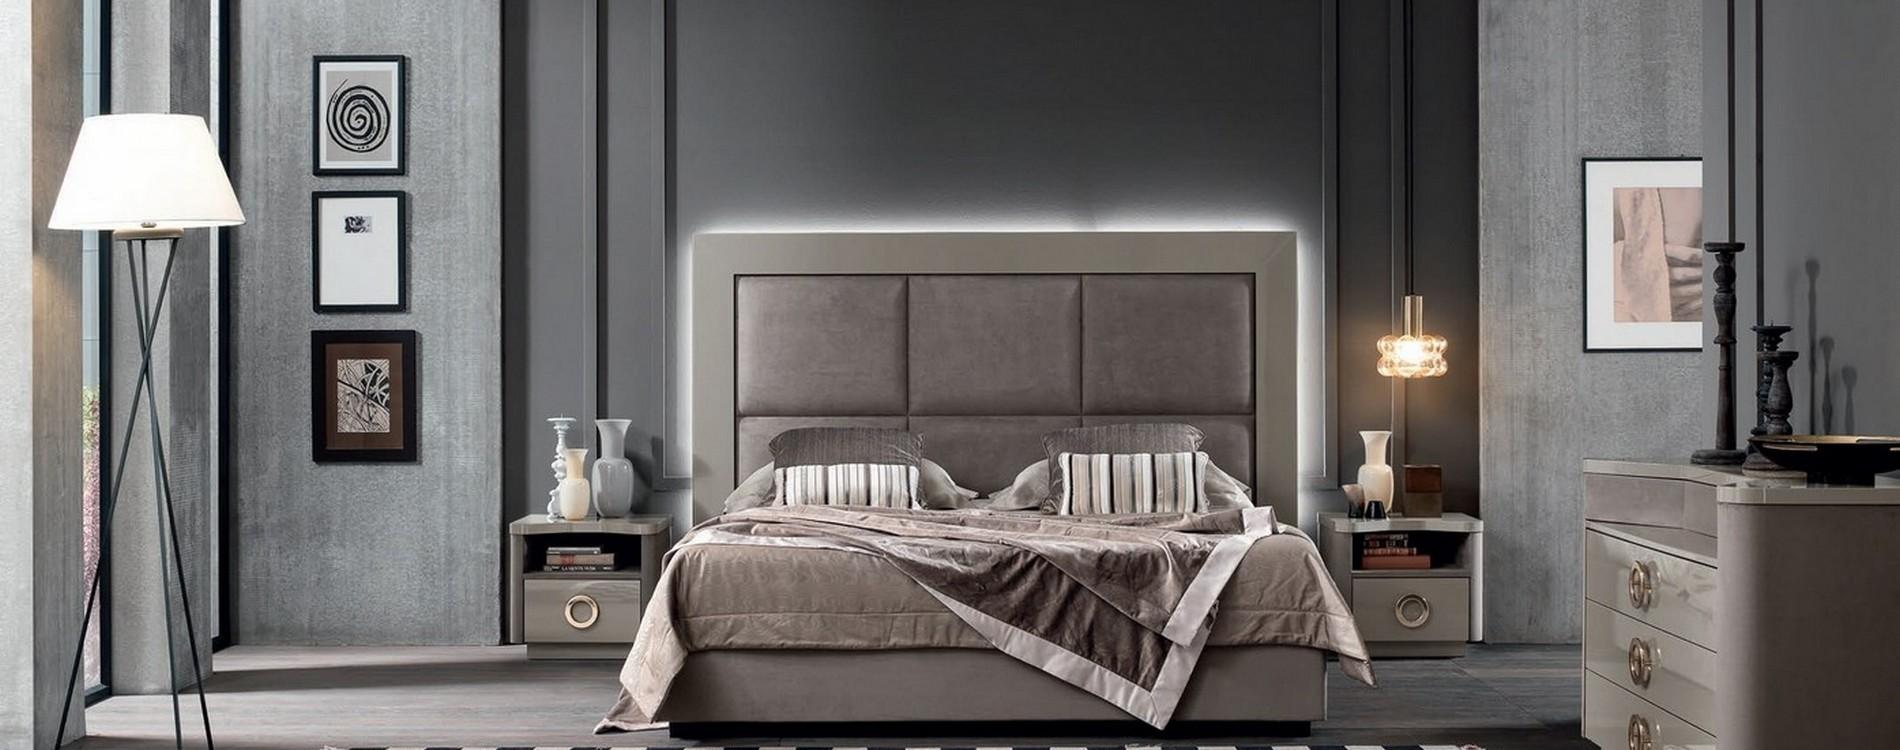 Mobilificio europa camere da letto letti comodini armadi - Camera da letto pianca ...